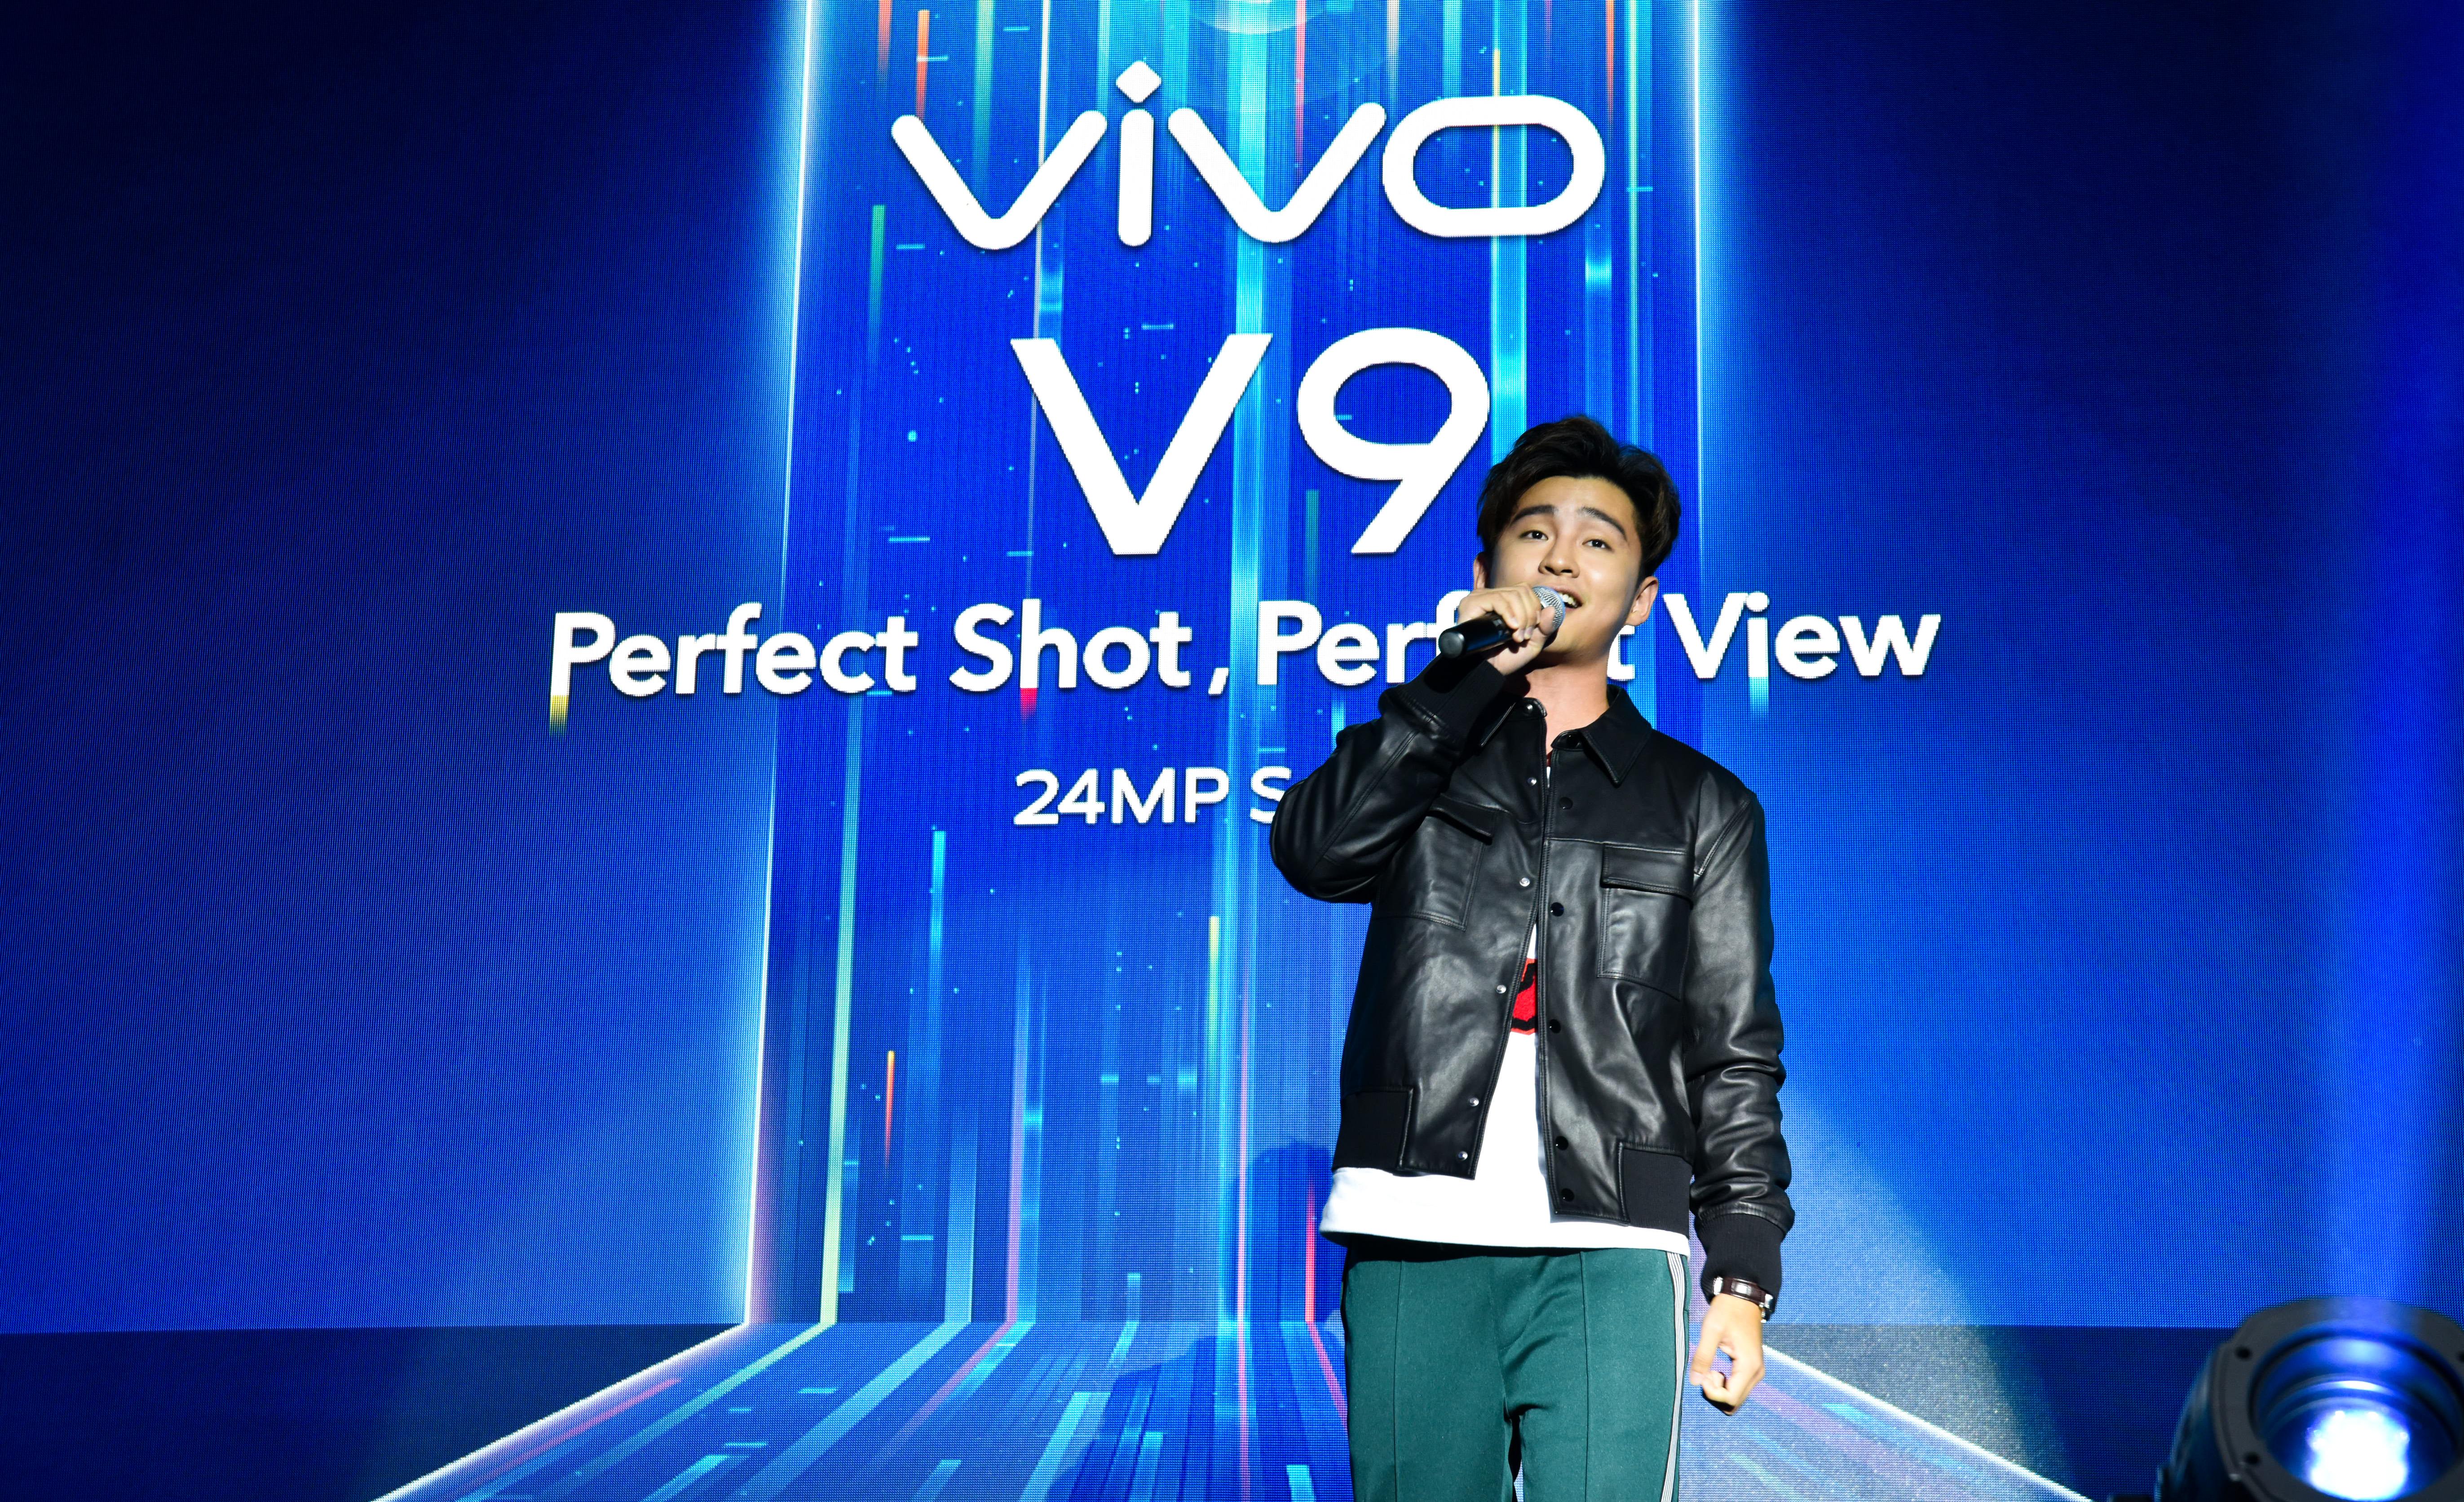 Duta baru Vivo, Alvin Chong.